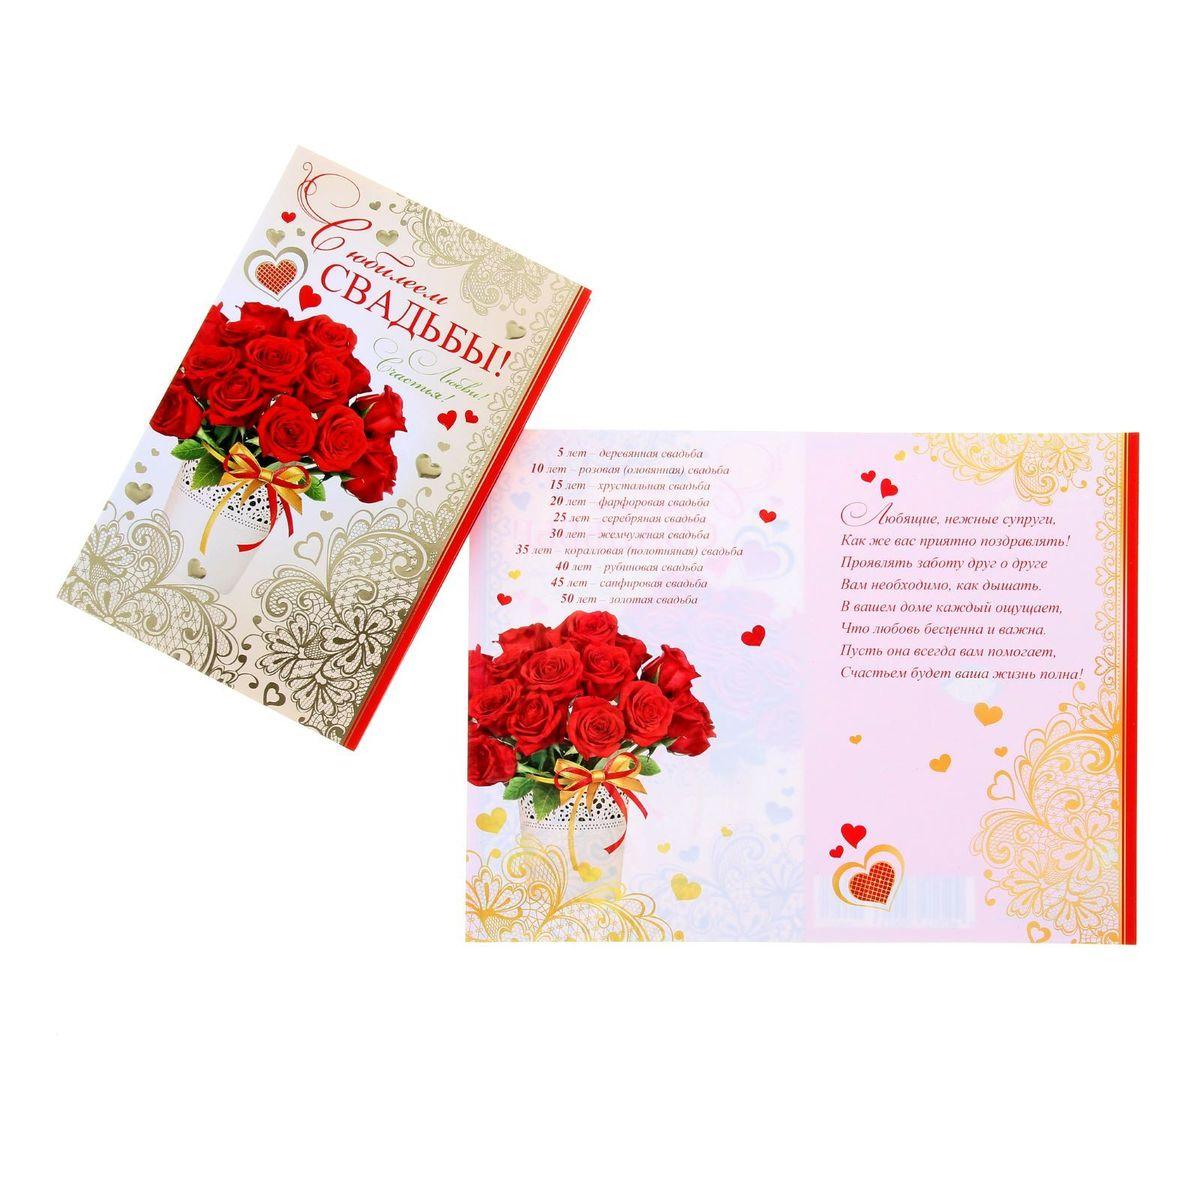 Открытка Мир открыток С юбилеем свадьбы! Розы в вазе ою 0002 открытка конверт с юбилеем студия тётя роза